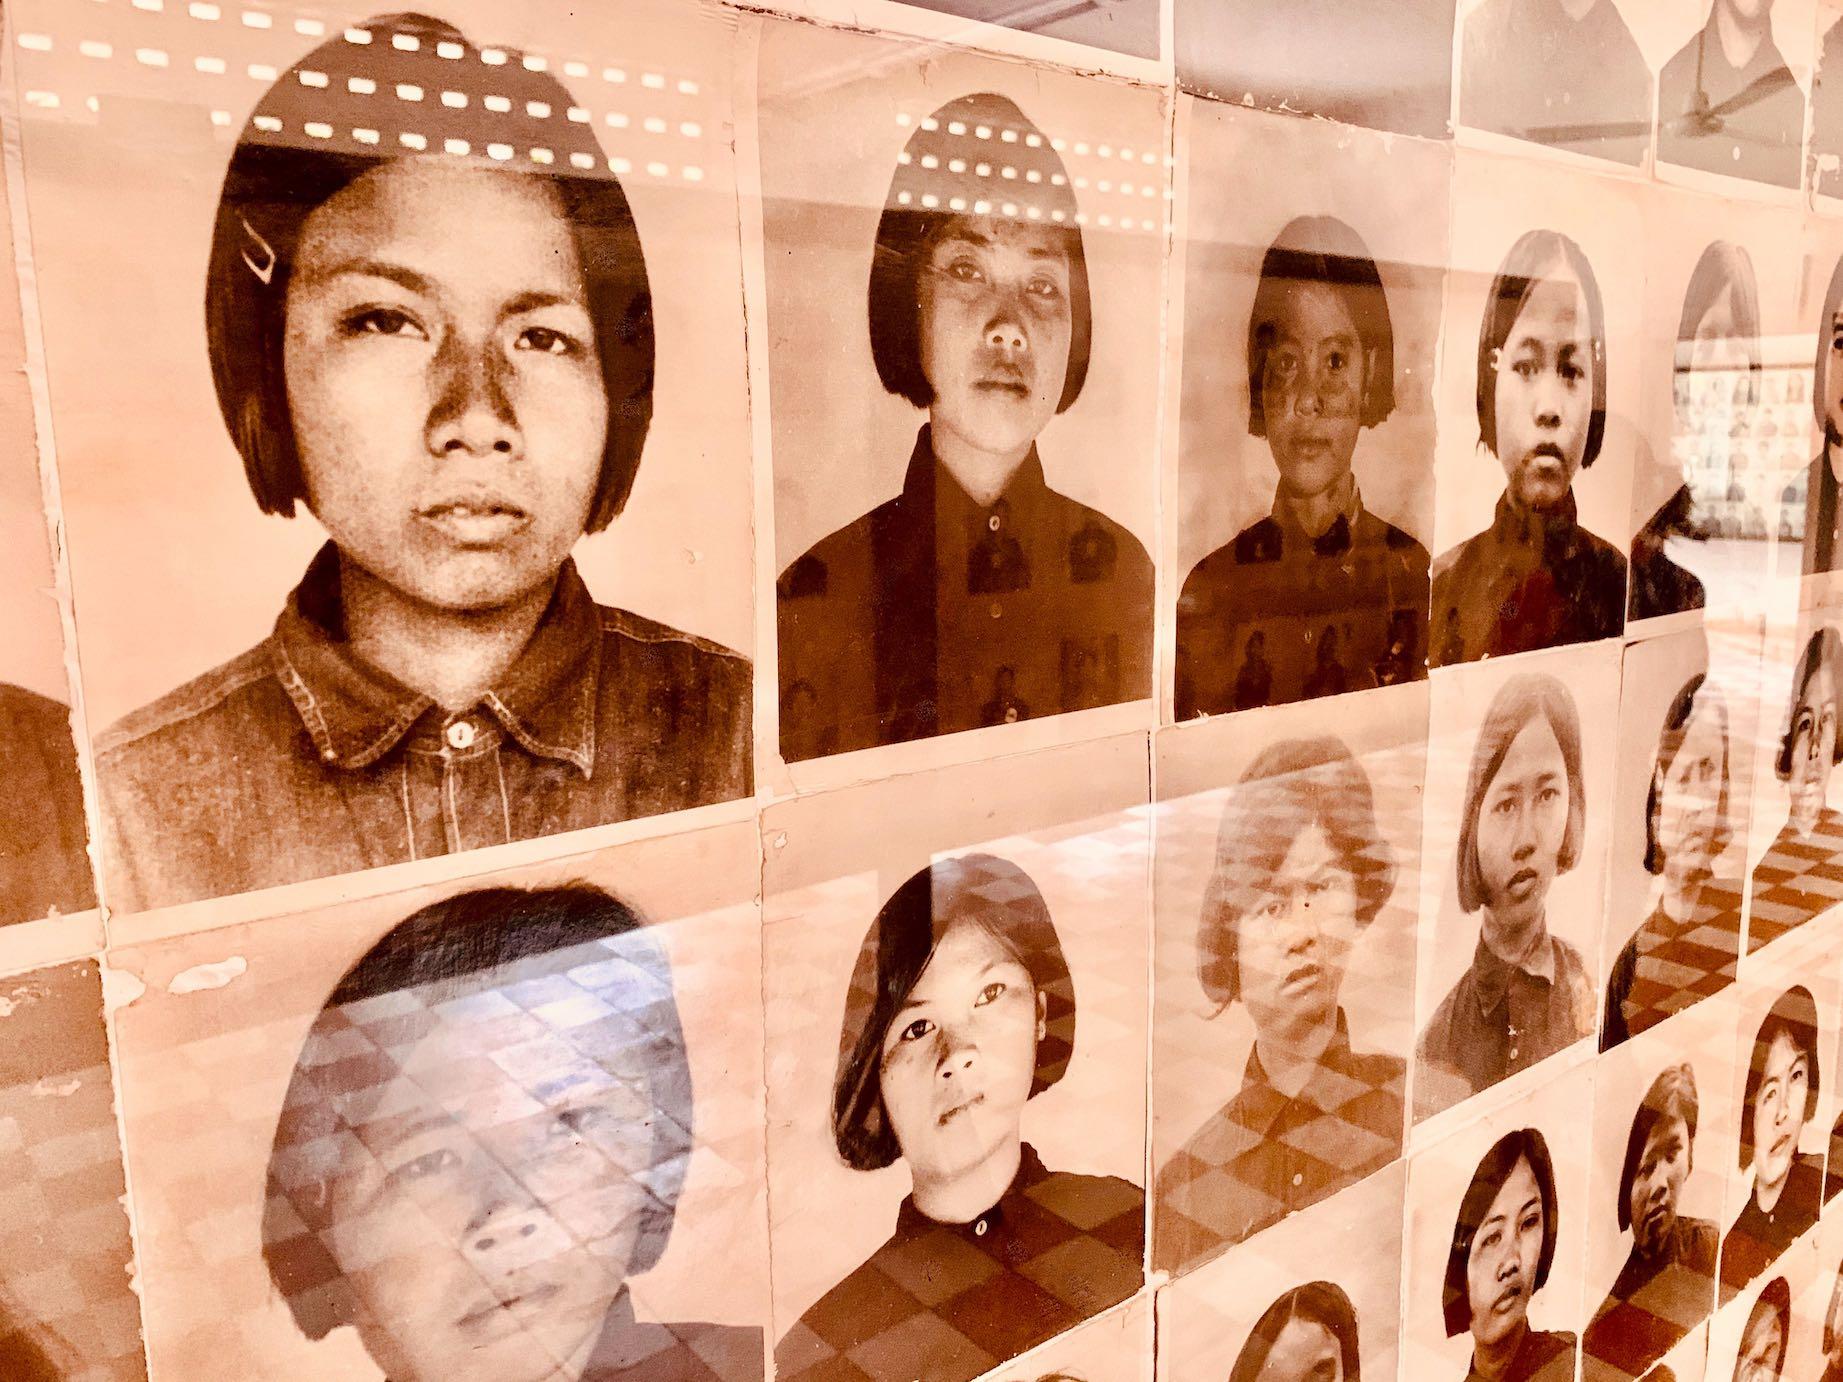 Photo gallery S-21 Prison and torture centre Cambodia